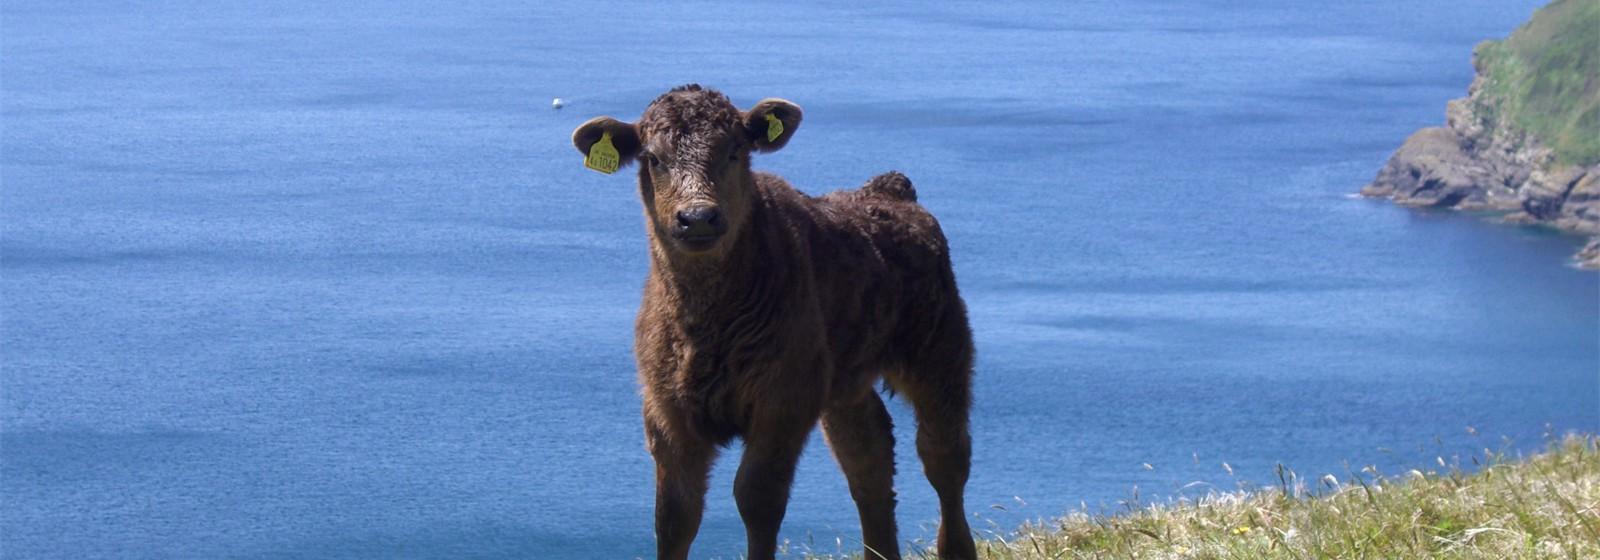 Coastal Calf!